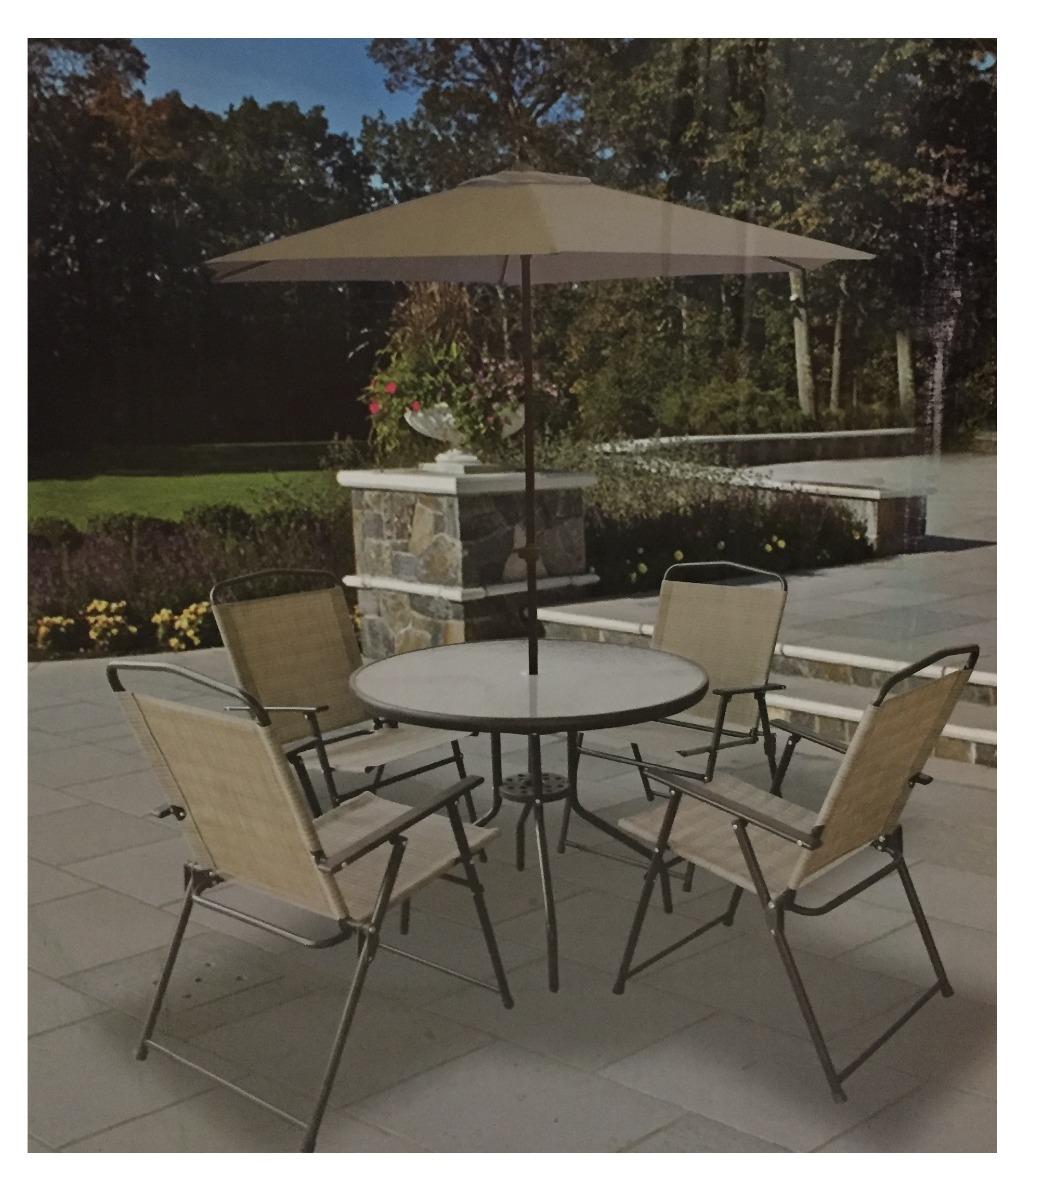 Comedor jardin terraza patio mesa 4 sillas y sombrilla for Sillas para terraza y jardin